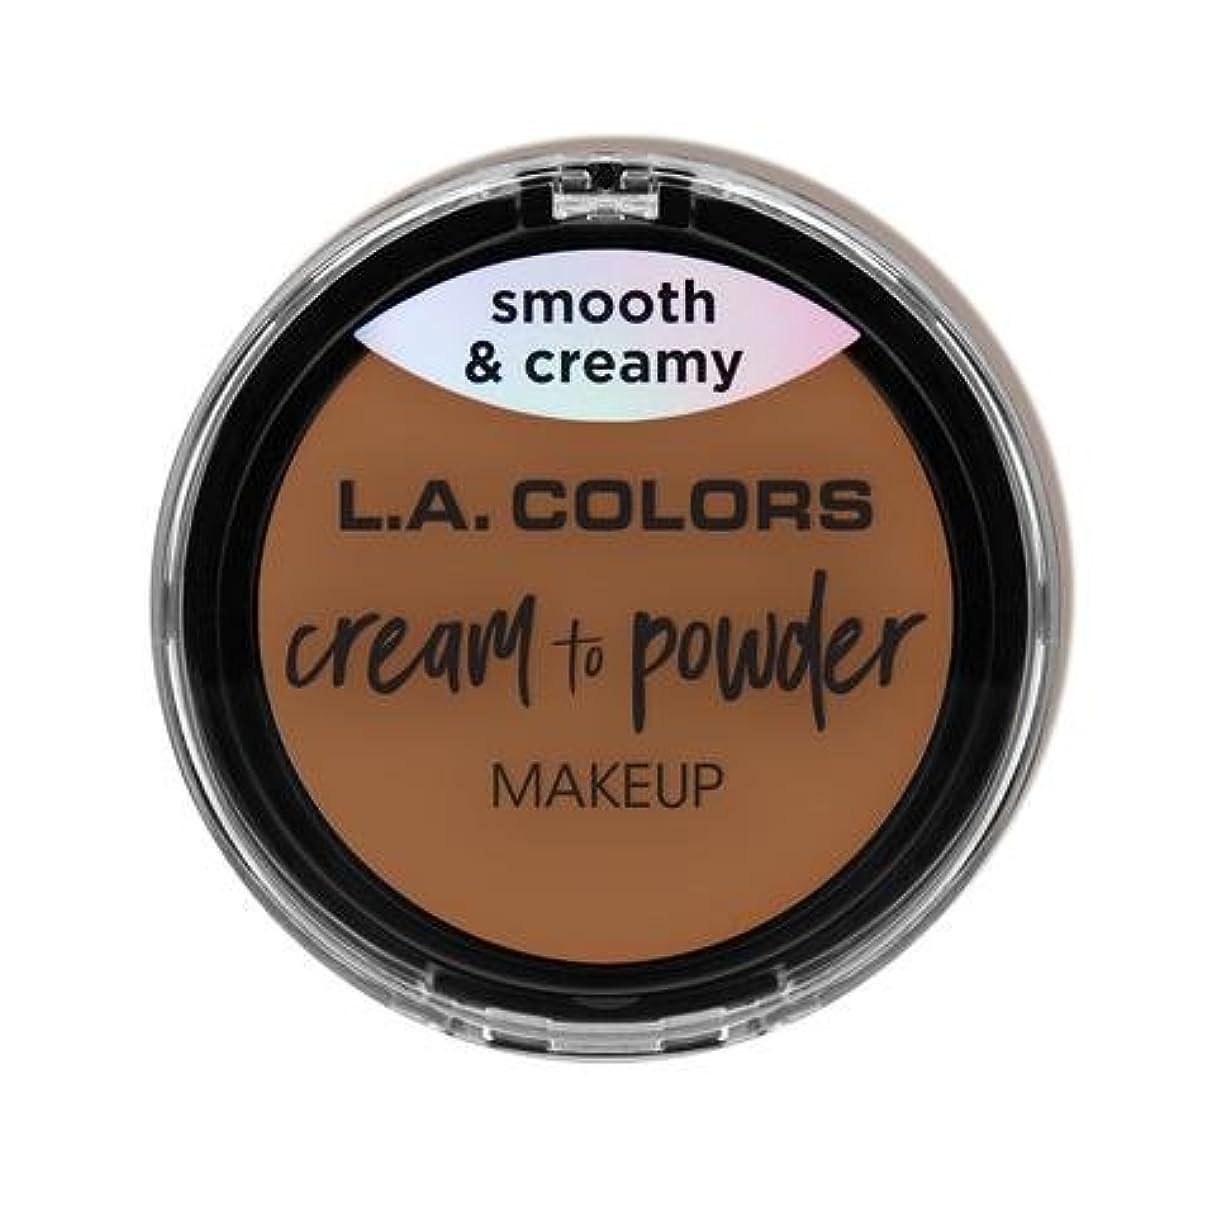 不規則性穀物記事(3 Pack) L.A. COLORS Cream To Powder Foundation - Sand (並行輸入品)